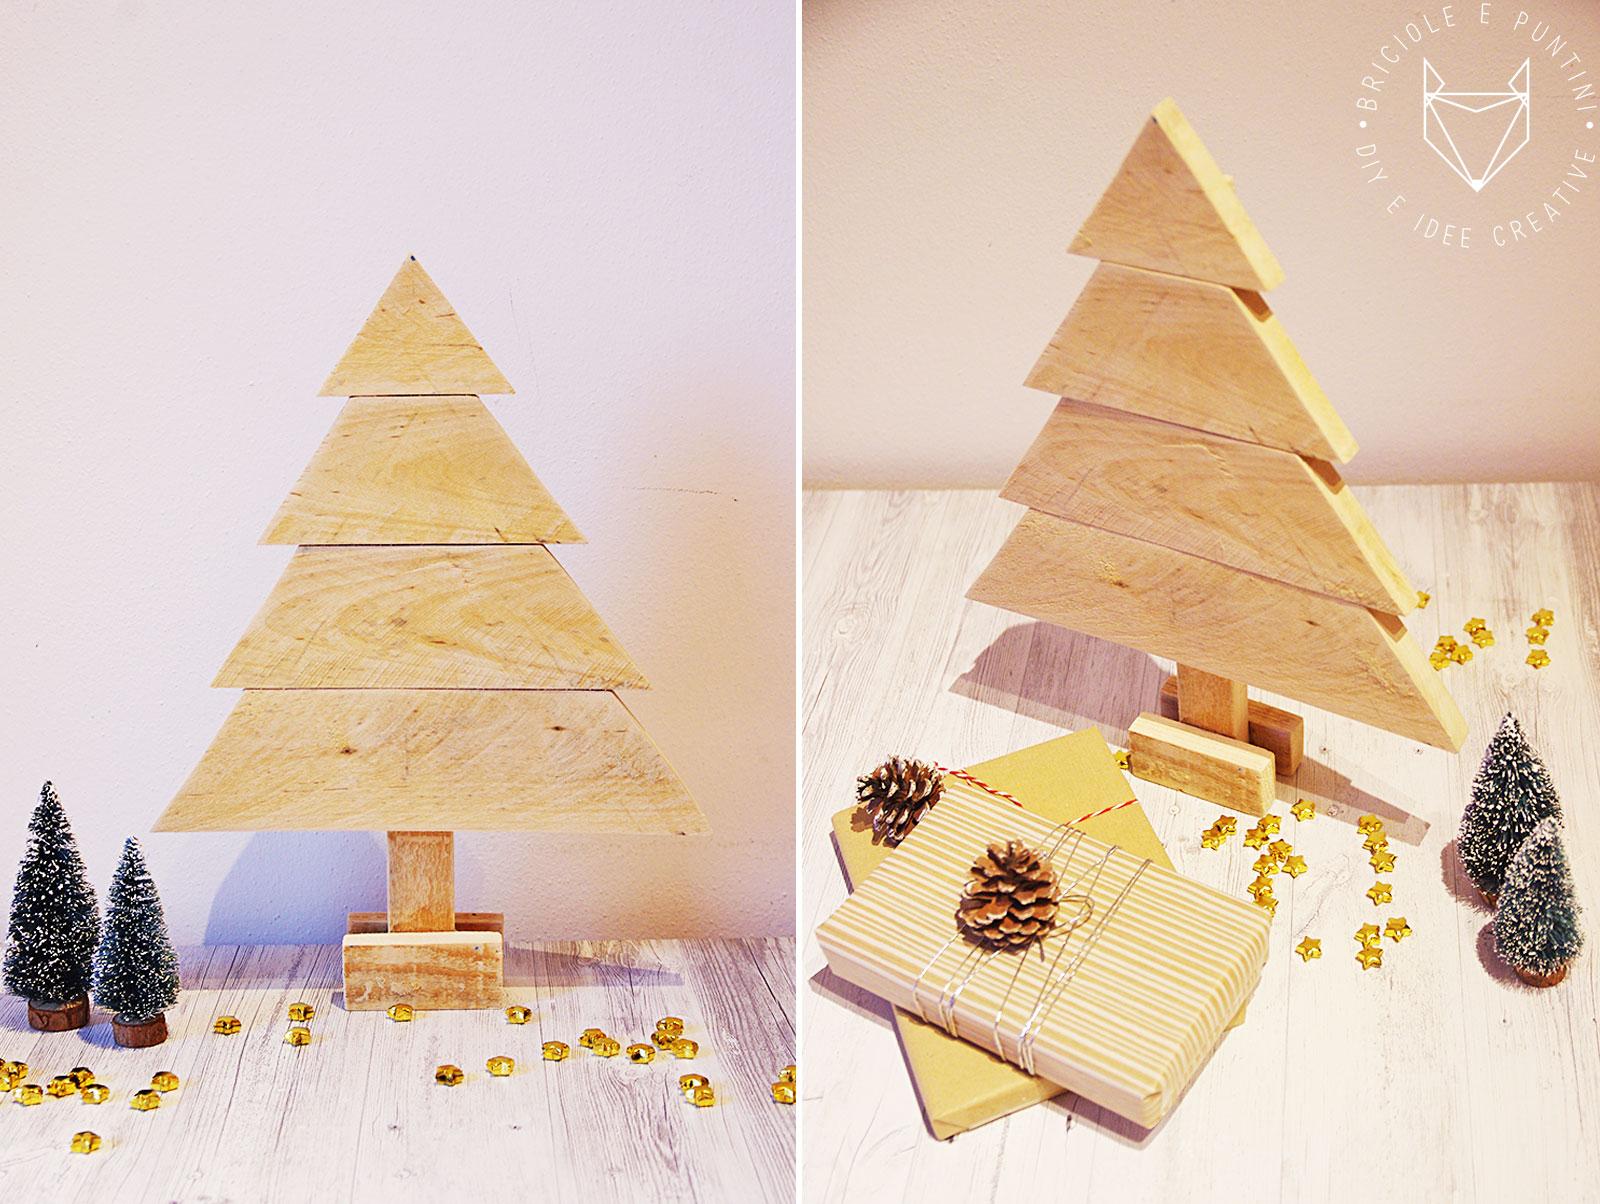 Albero Di Natale Legno Fai Da Te.Albero Di Natale In Legno Con I Pallet Riciclati Briciole E Puntini